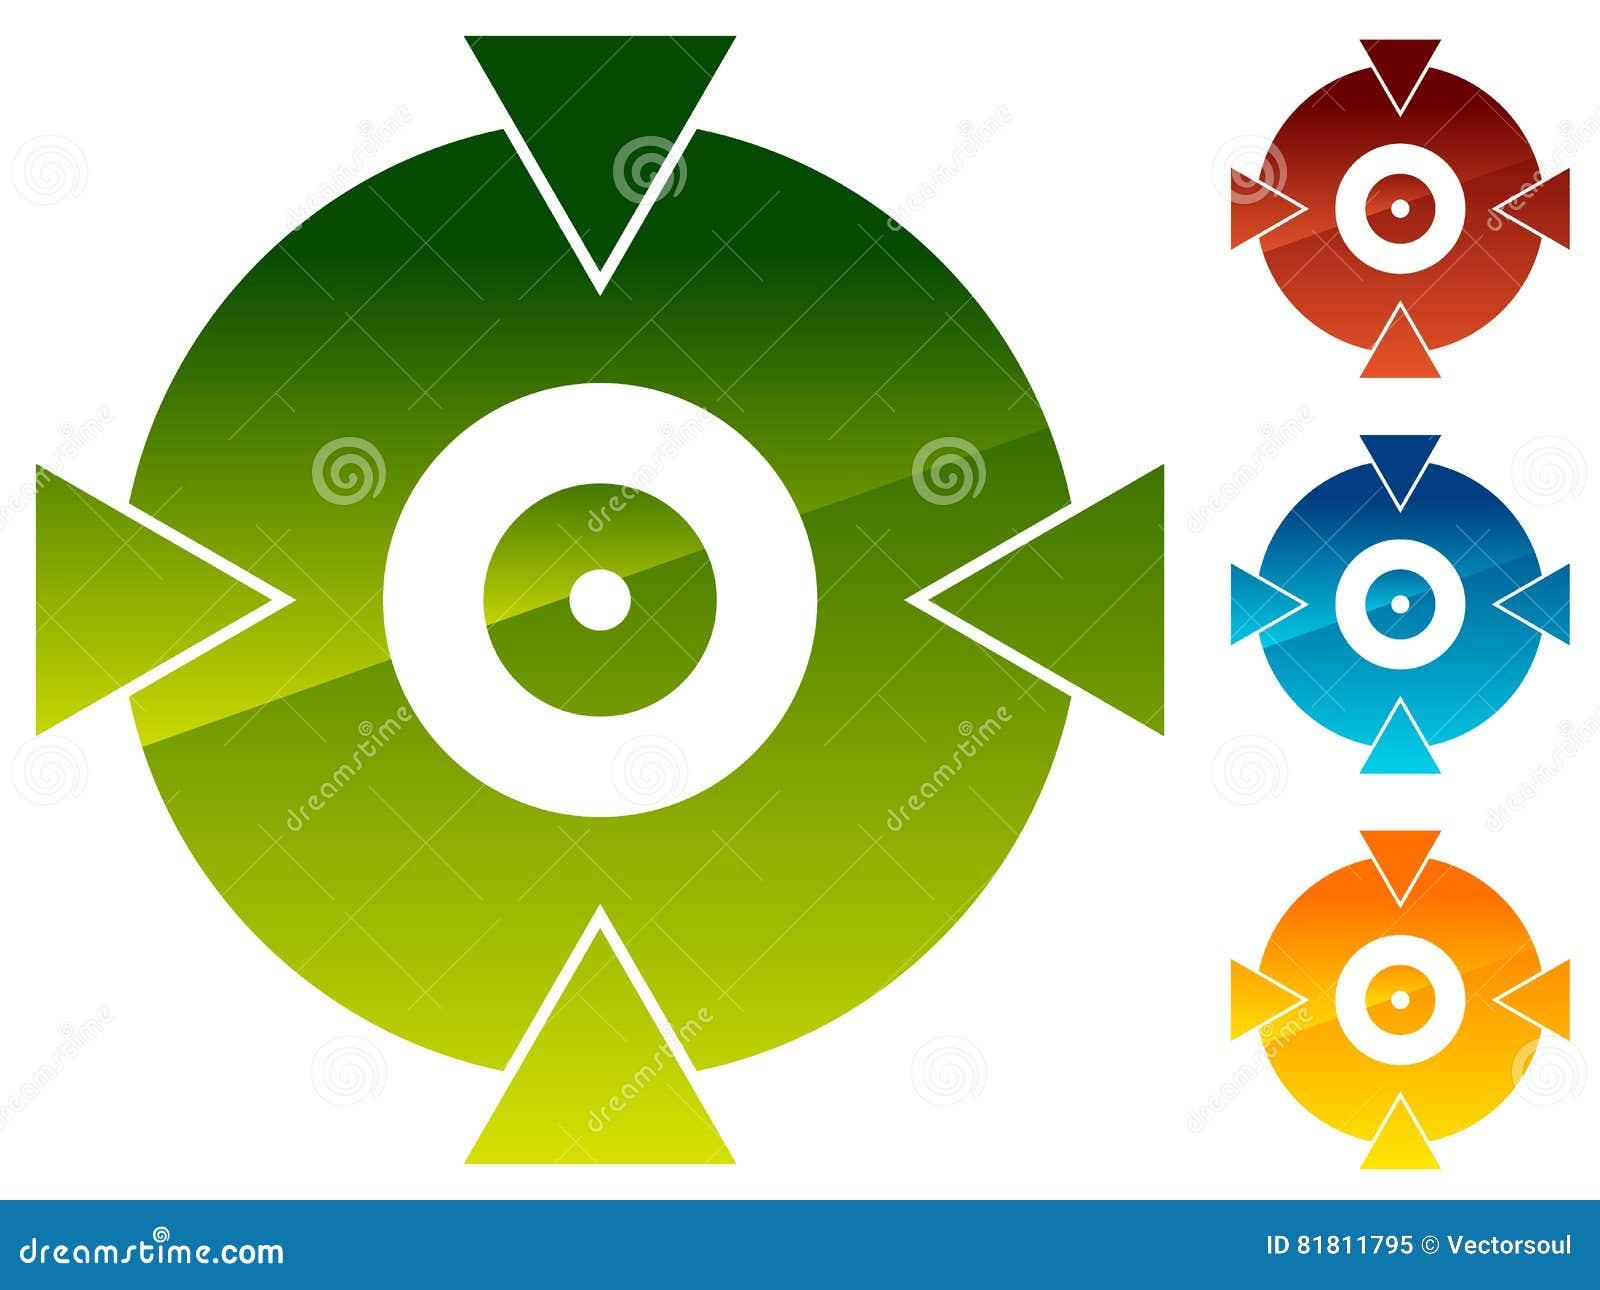 Перекрестие, форма метки цели для прицельного, яблочко и alignmen